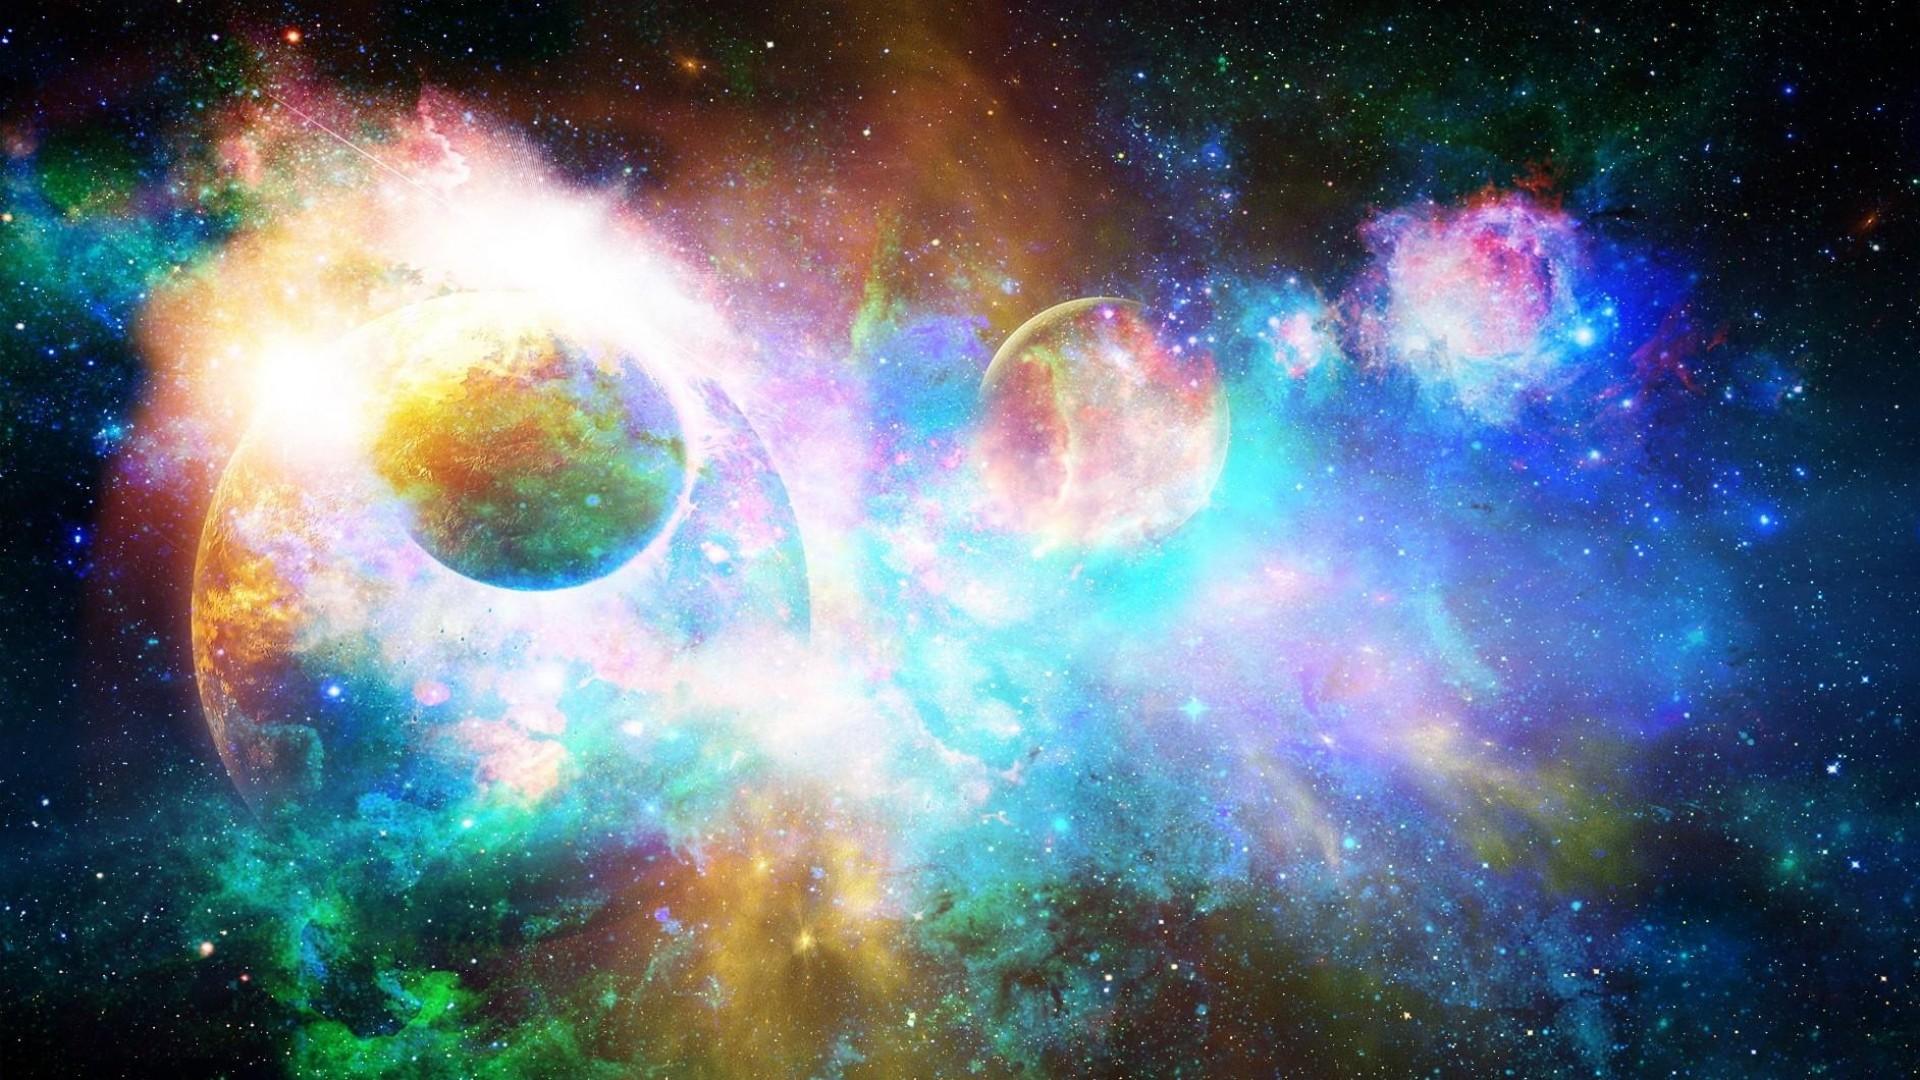 Wallpaper stars, planets, light, galaxy, universe, nebula